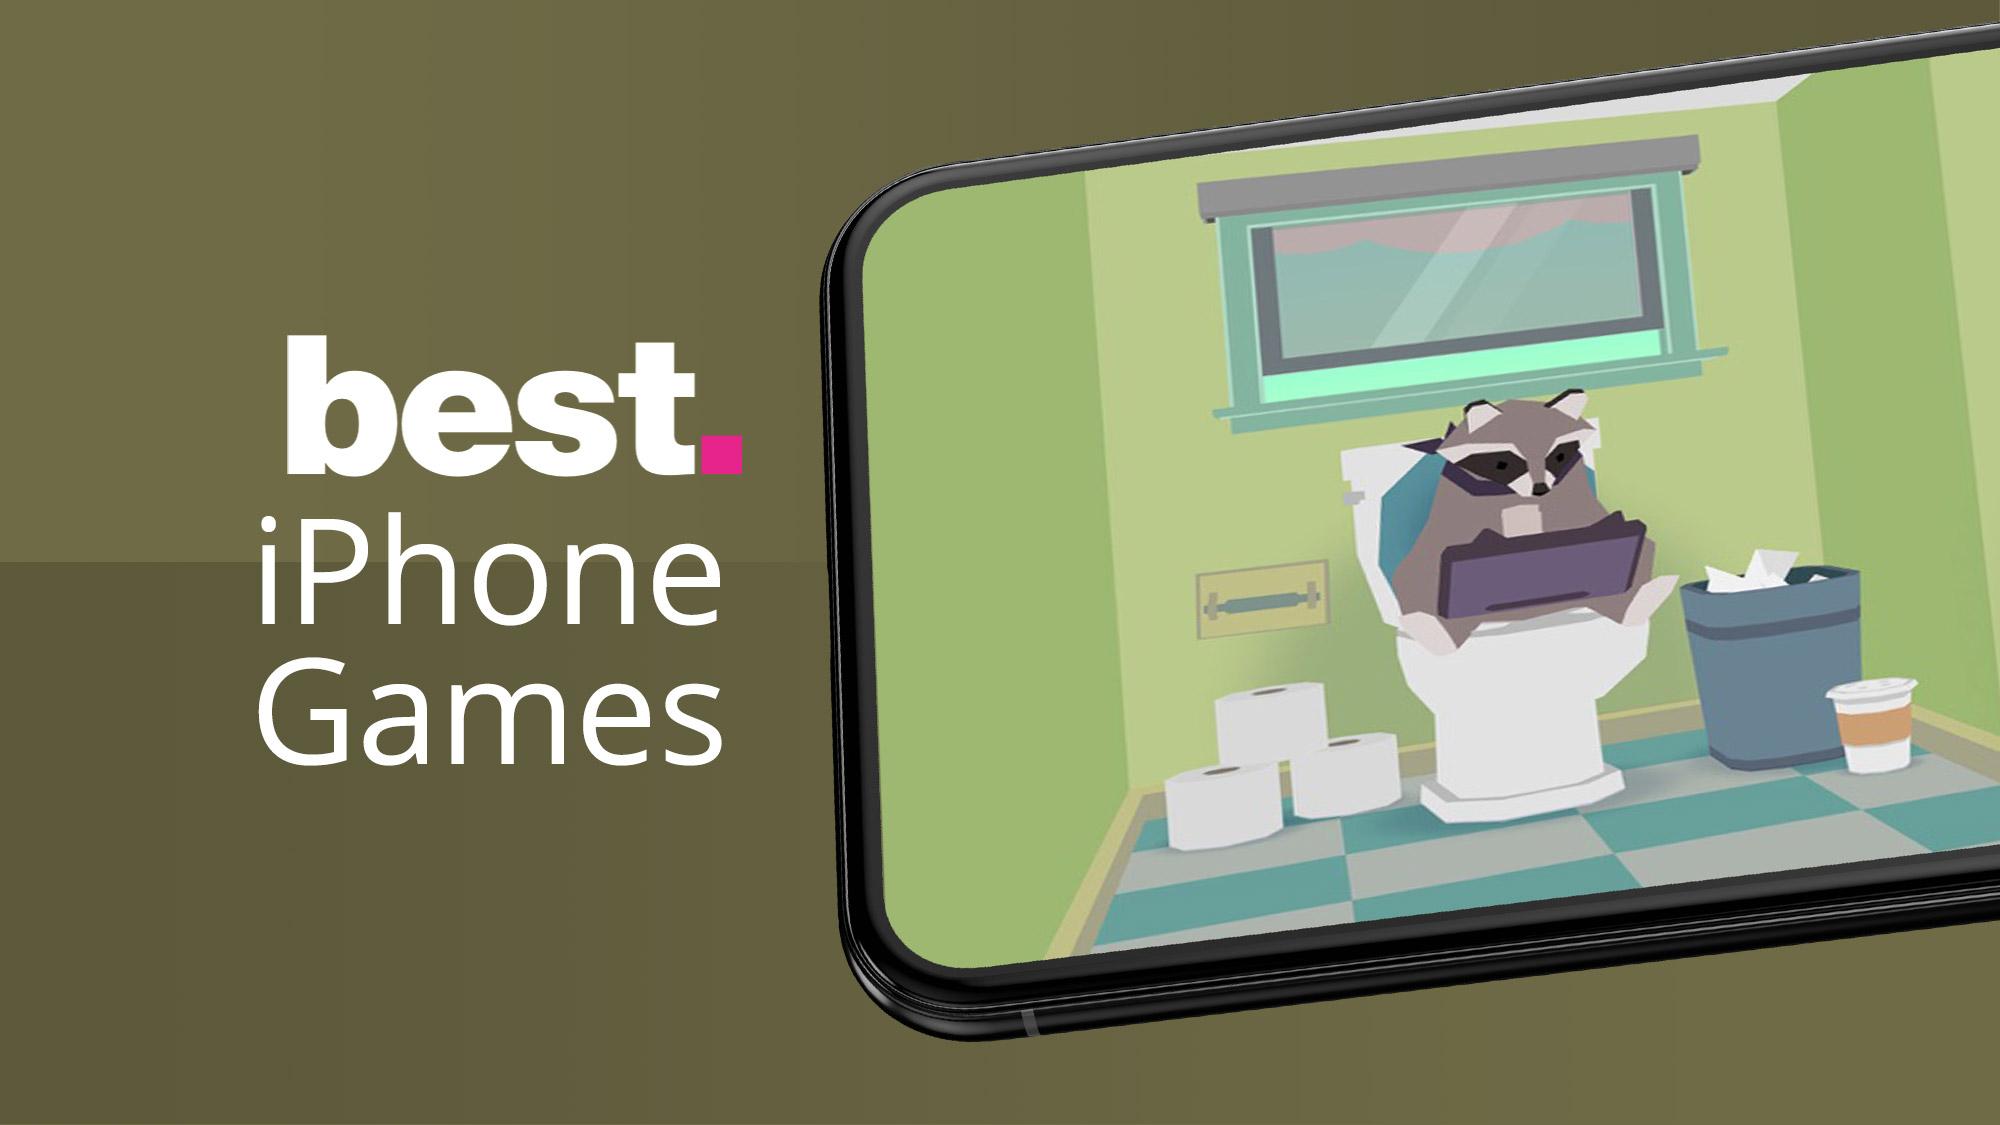 bra Dating spel för iPhone